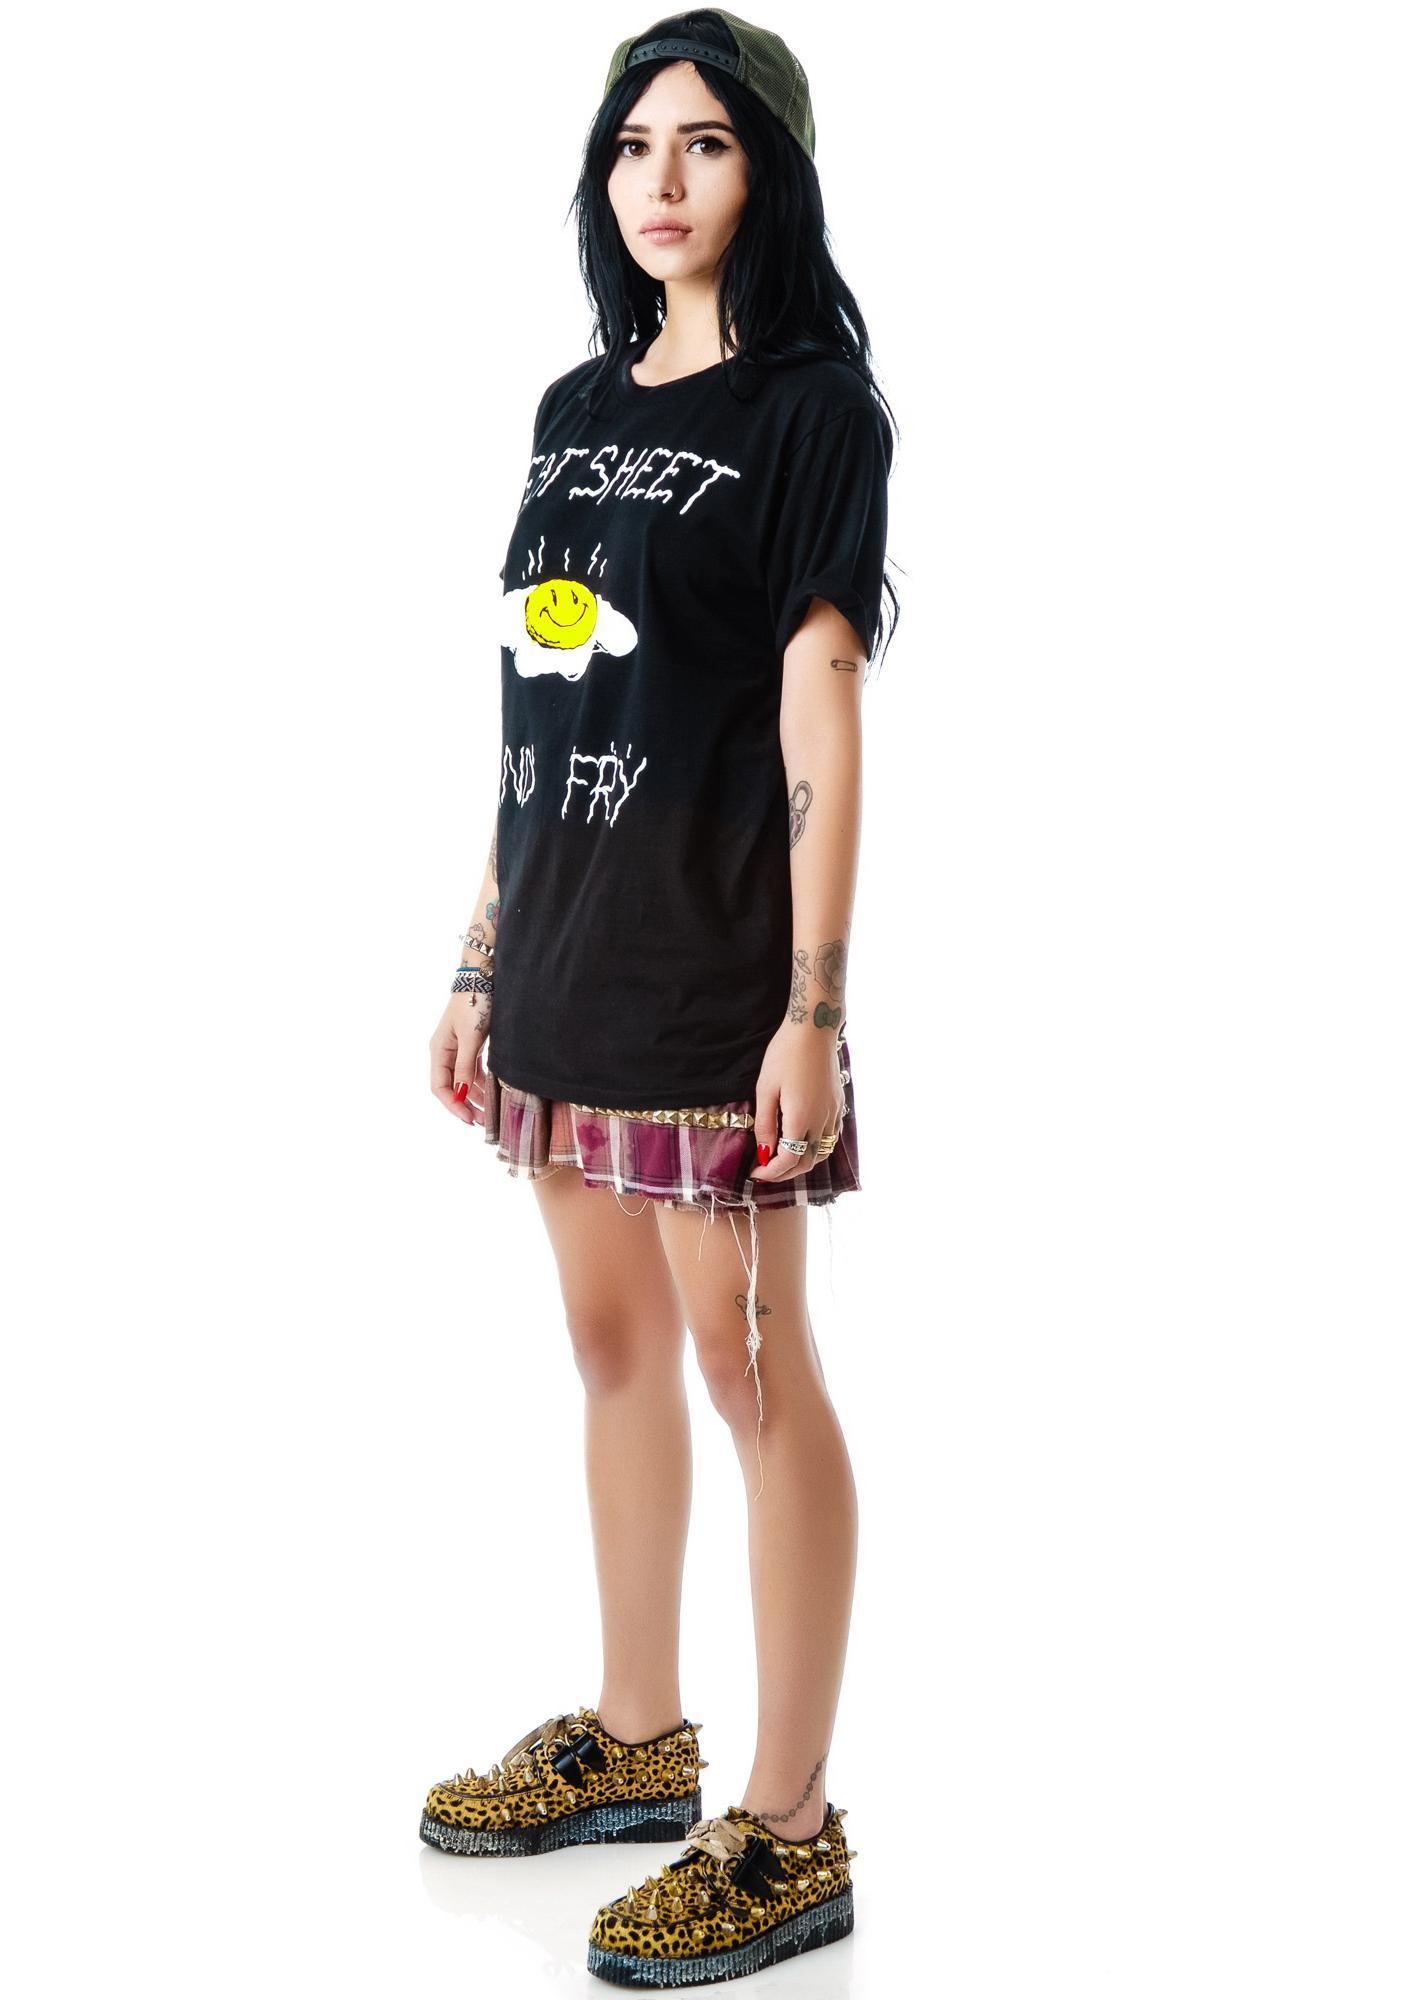 Bad Acid Eat Sheet and Fry Shirt